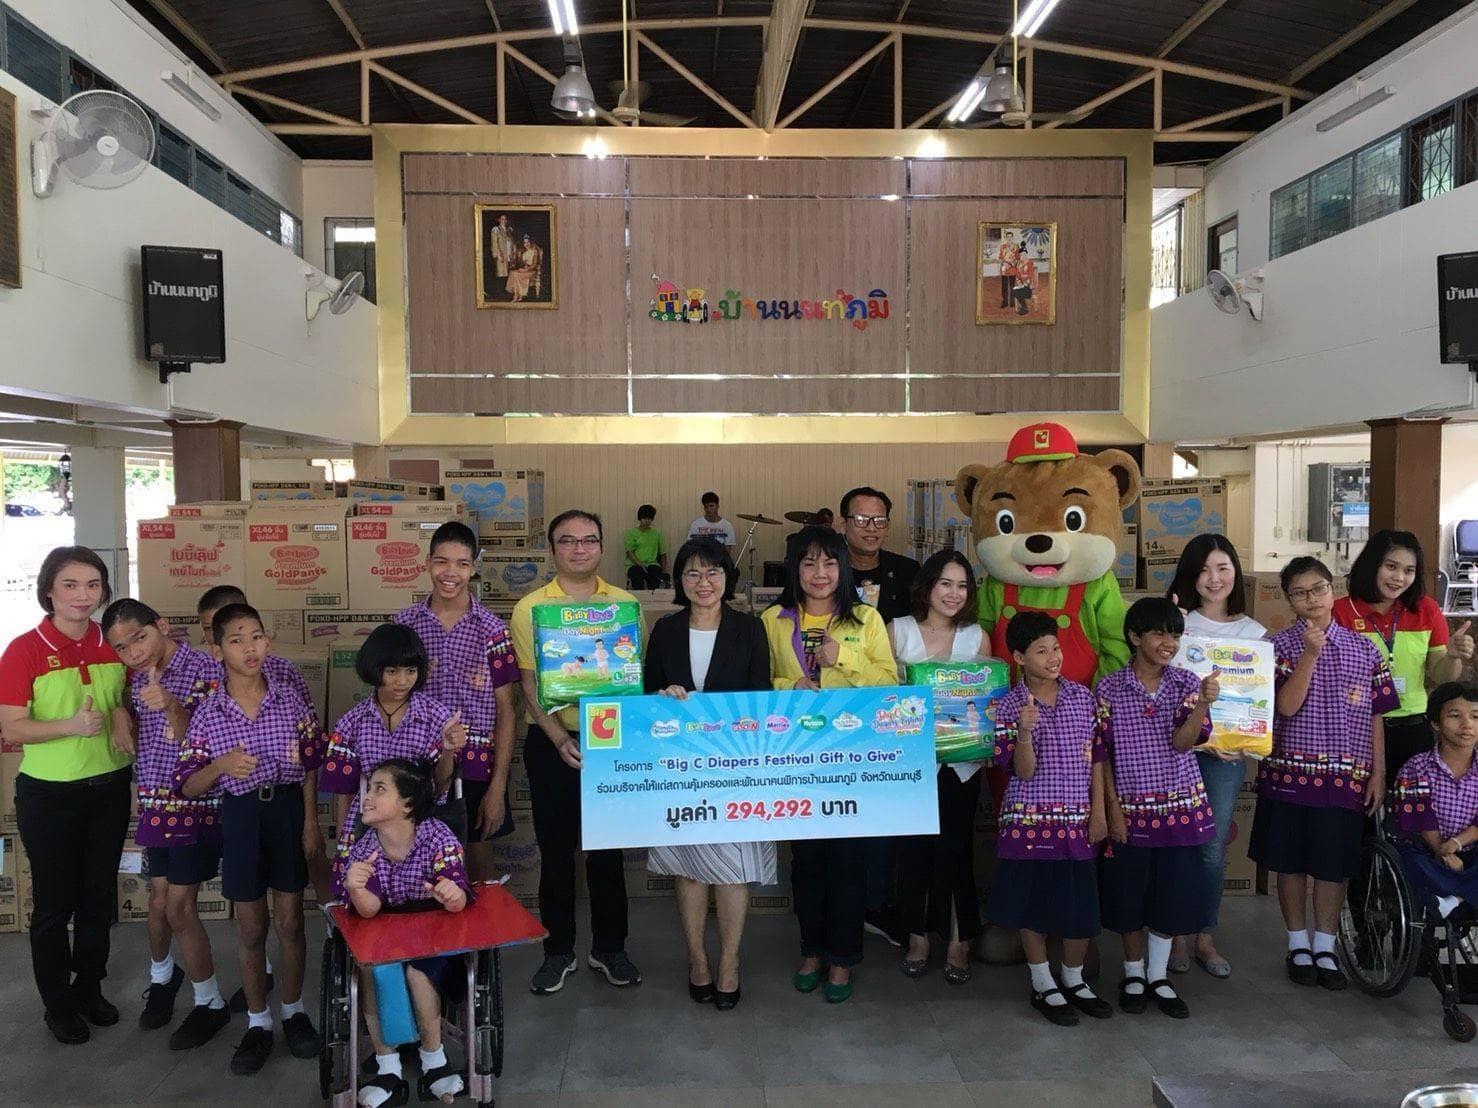 """เบบี้เลิฟ ร่วมกับโครงการ """"Big C Diapers Festival Gift to Give"""" ปั่นน้ำใจมอบผ้าอ้อมเบบี้เลิฟ ให้แด่สถานคุ้มครองและพัฒนาคนพิการบ้านนนทภูมิ จังหวัดนนทบุรี"""